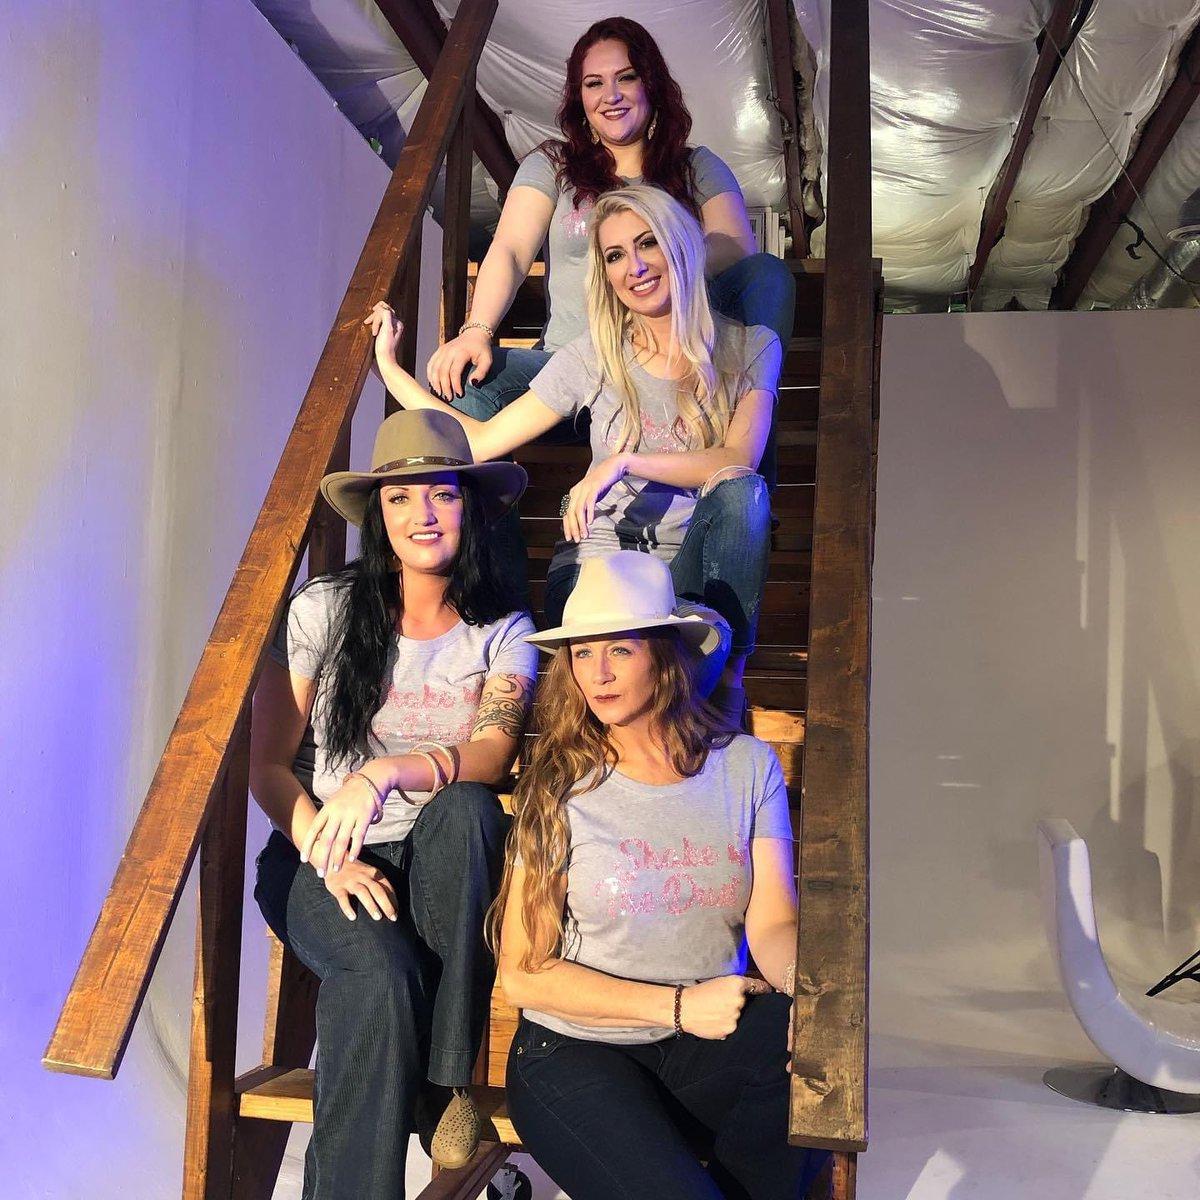 Stairway to Heaven #epic #shakethedust #stairs #hats #photography #studio #beautiful #womenempowerment #womenincountry #highwaywomenpic.twitter.com/ch7JYsUuOG